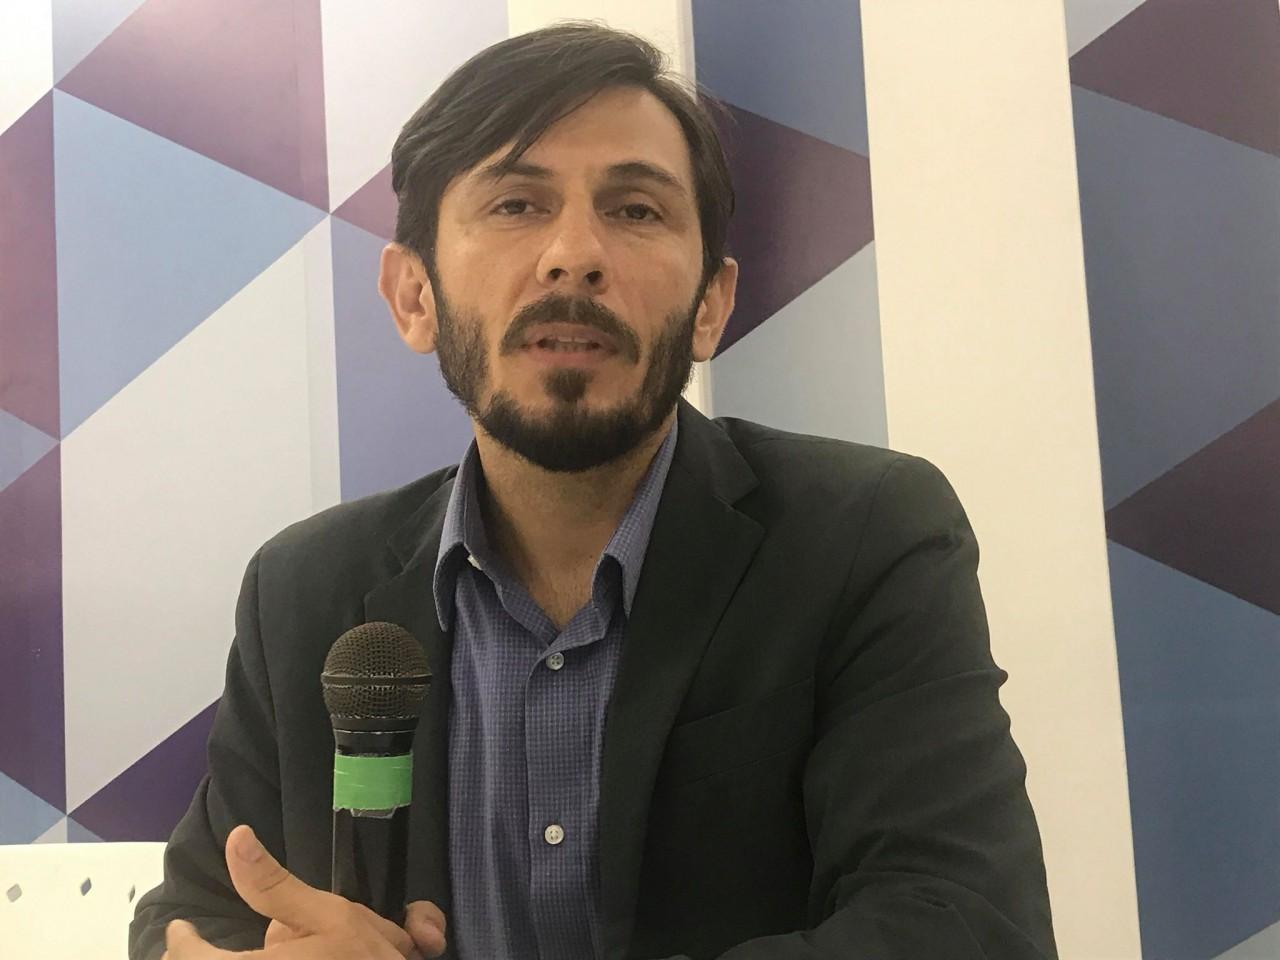 luiz gonzaga sociólogo 1 - 'Nos momentos de crise sempre há uma porta aberta aos extremismos' afirma o sociólogo Luiz Gonzaga Júnior